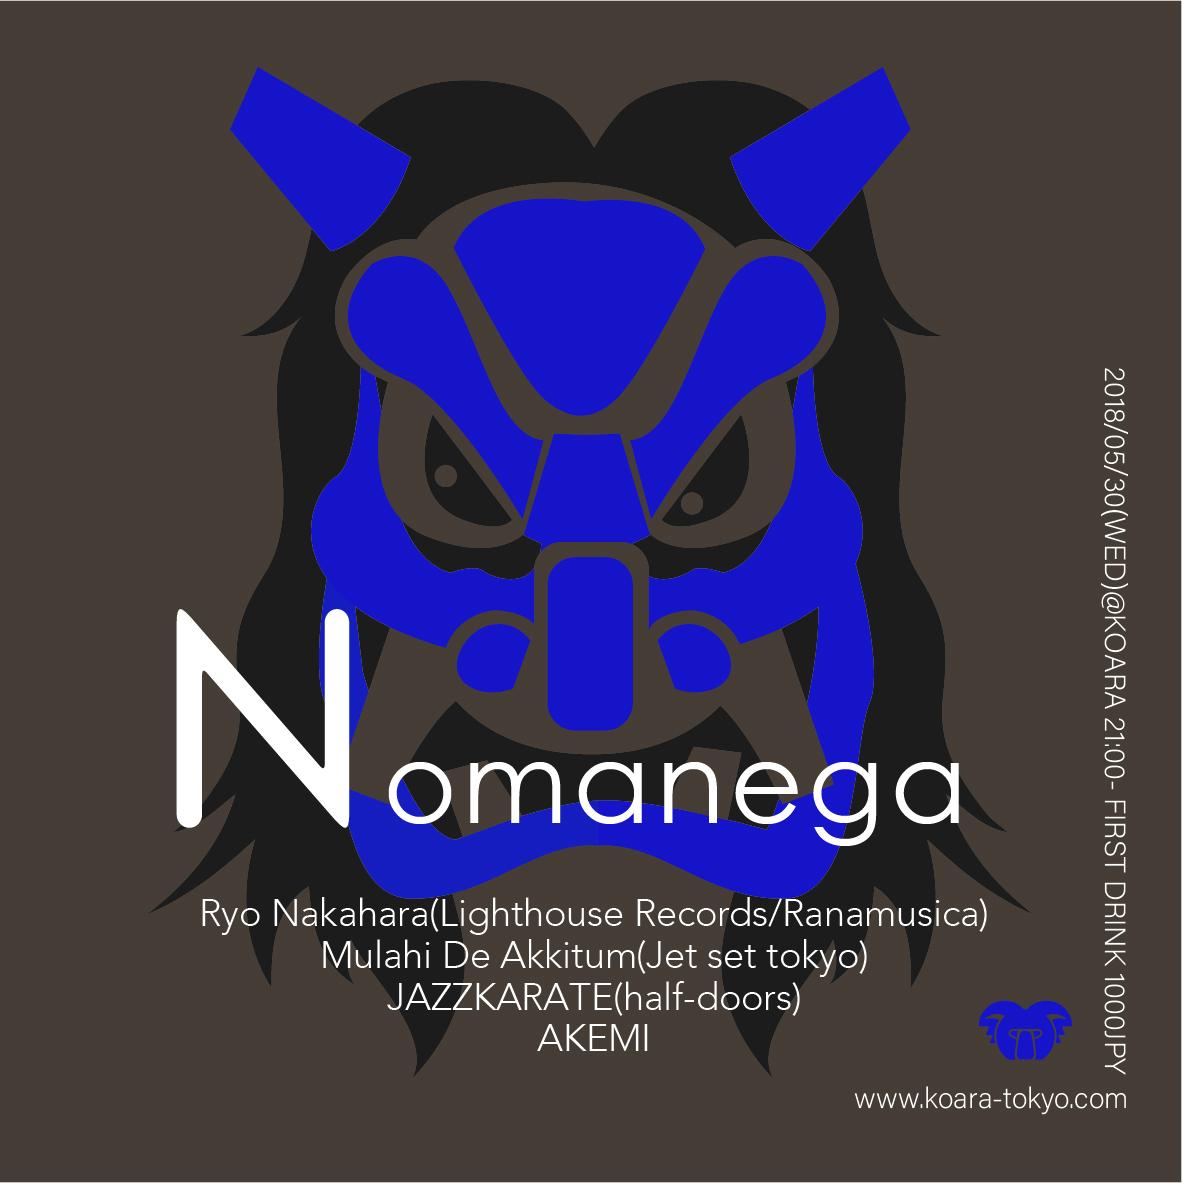 Nomanega